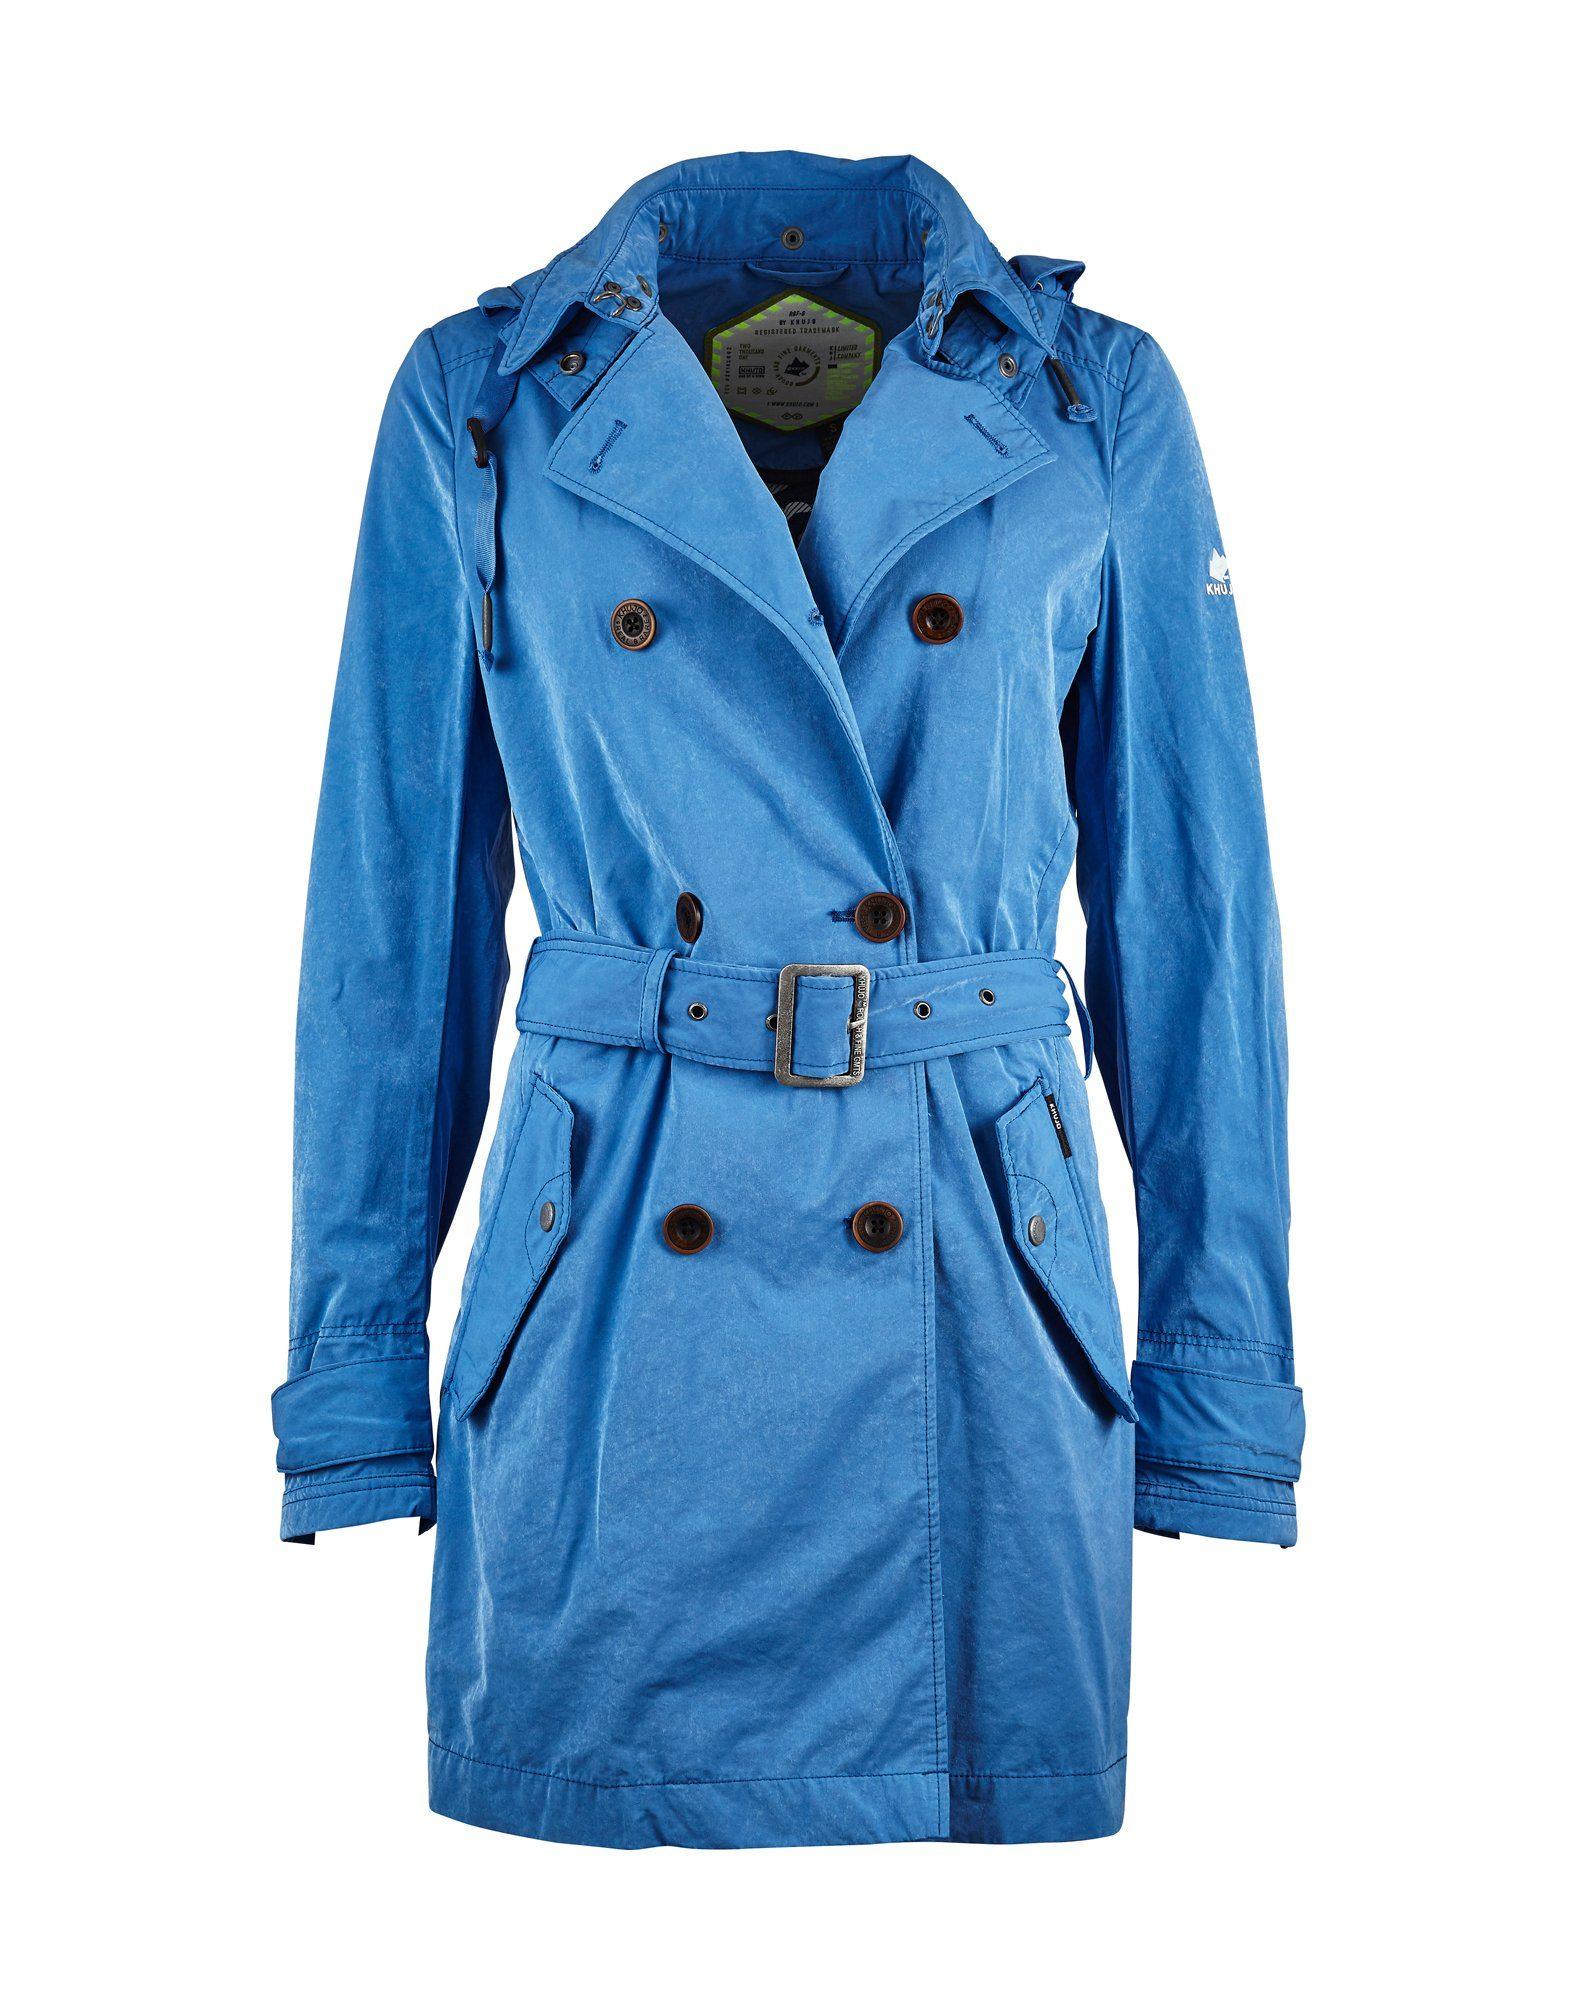 Günstig Kaufen Zuverlässig Verkauf Erhalten Authentisch Trenchcoat in blau für Damen Khujo Modisch Günstiger Preis dlqc3